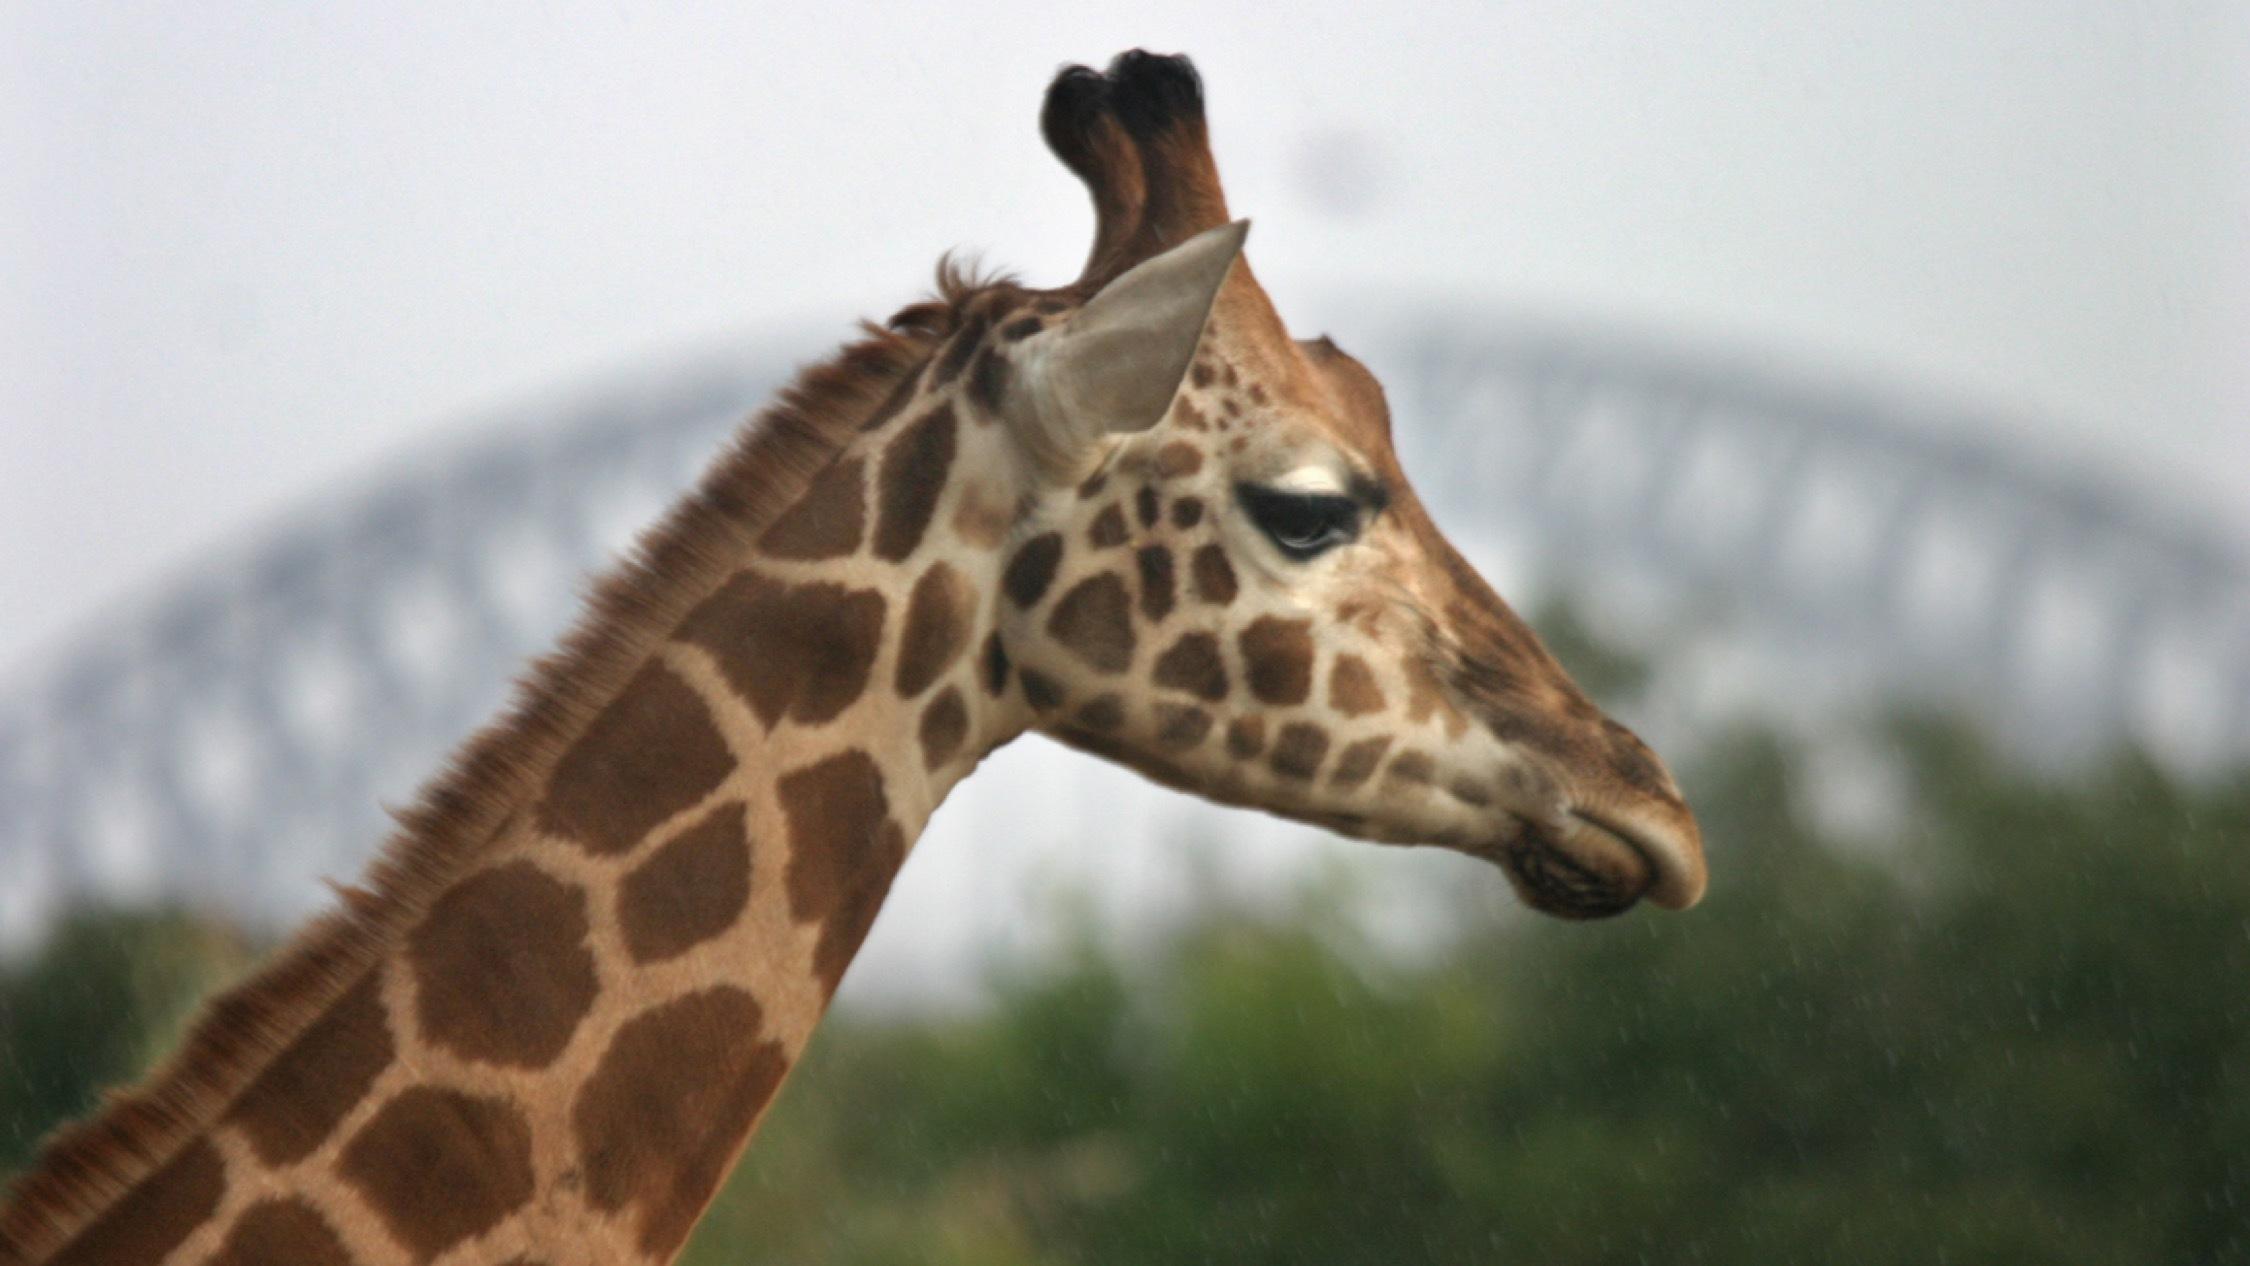 Giraffe at Taronga Zoo